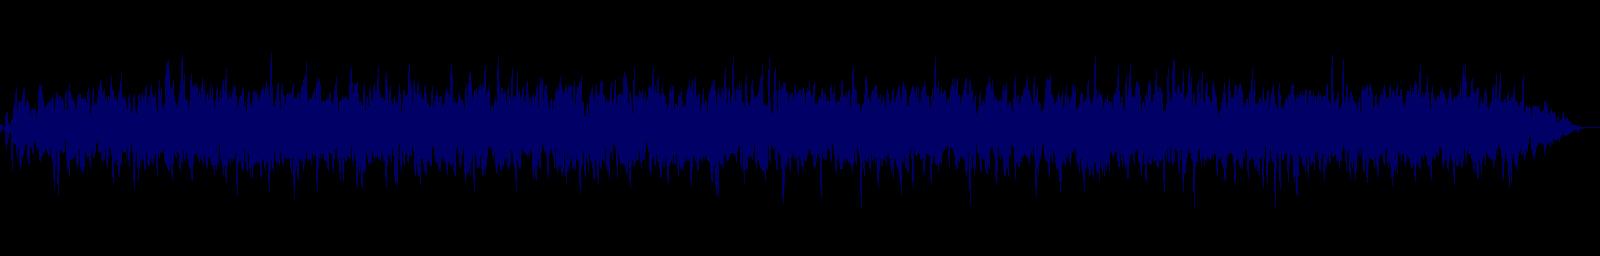 waveform of track #98142